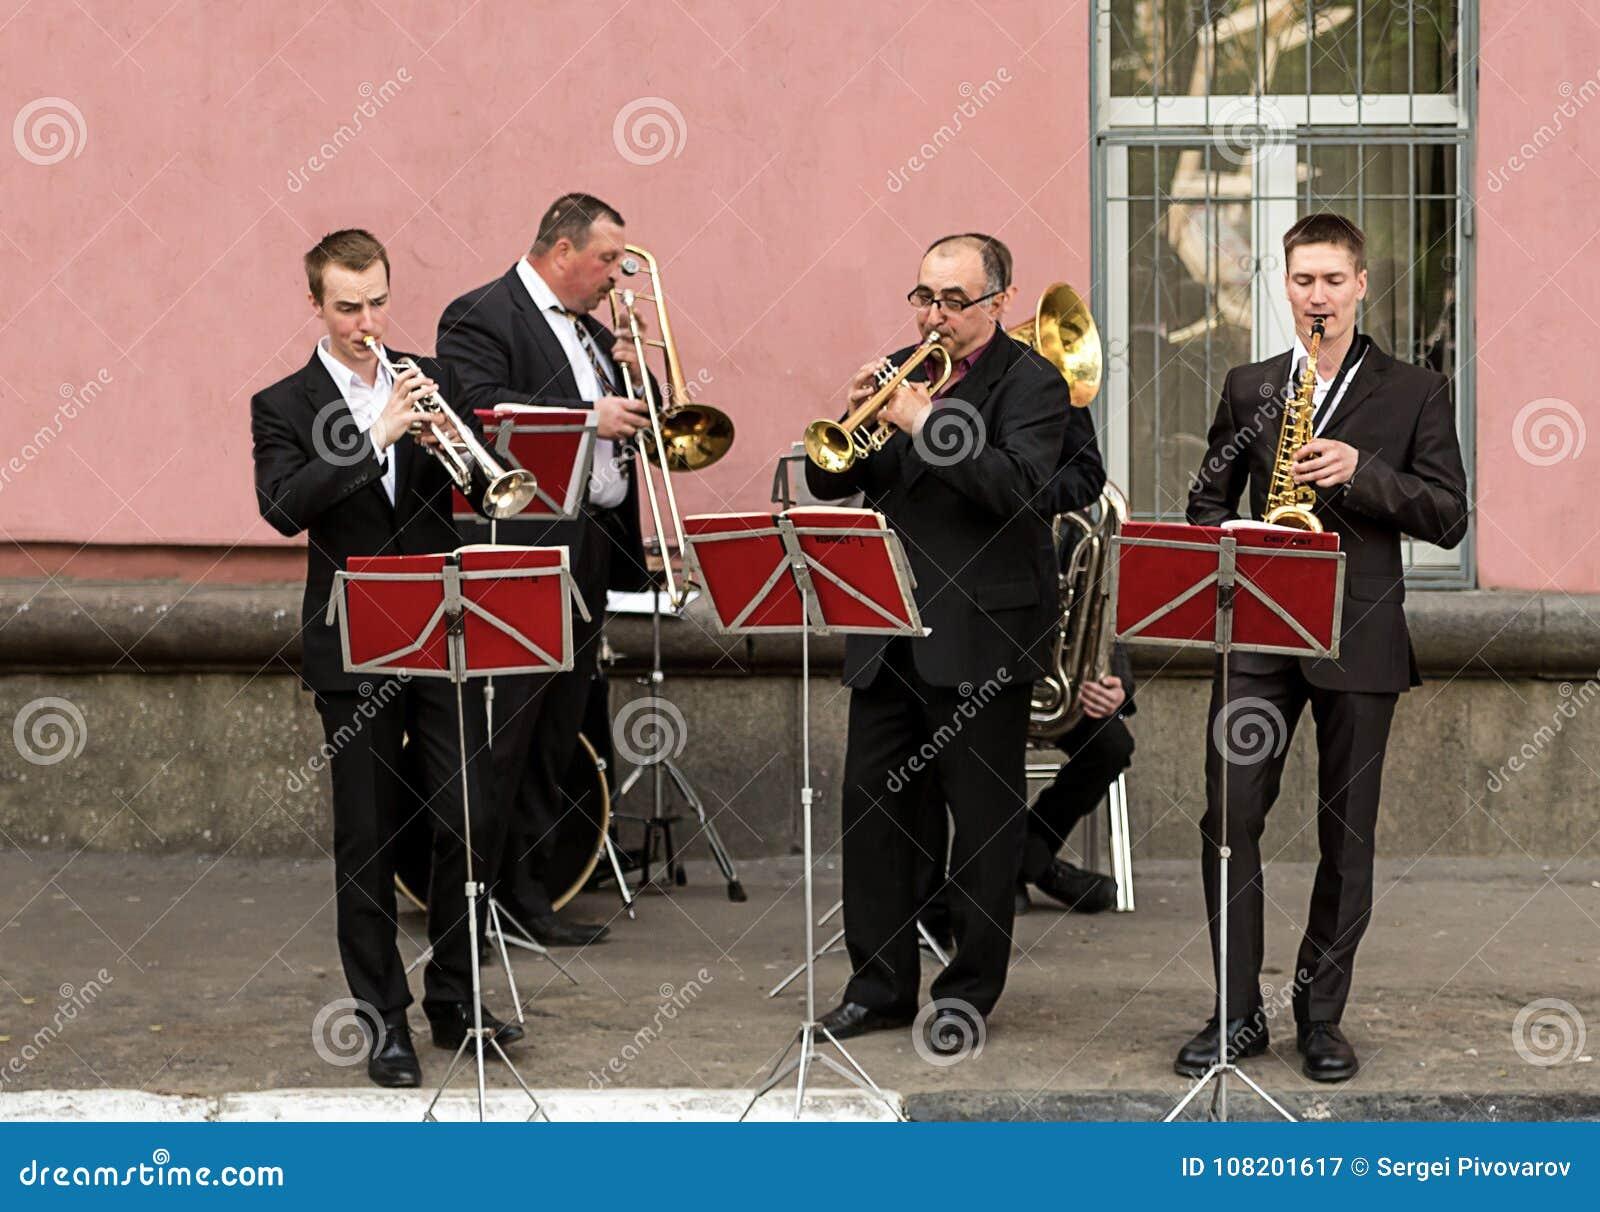 Wind Street Ensemble Saxophone Trumpet, A City Day